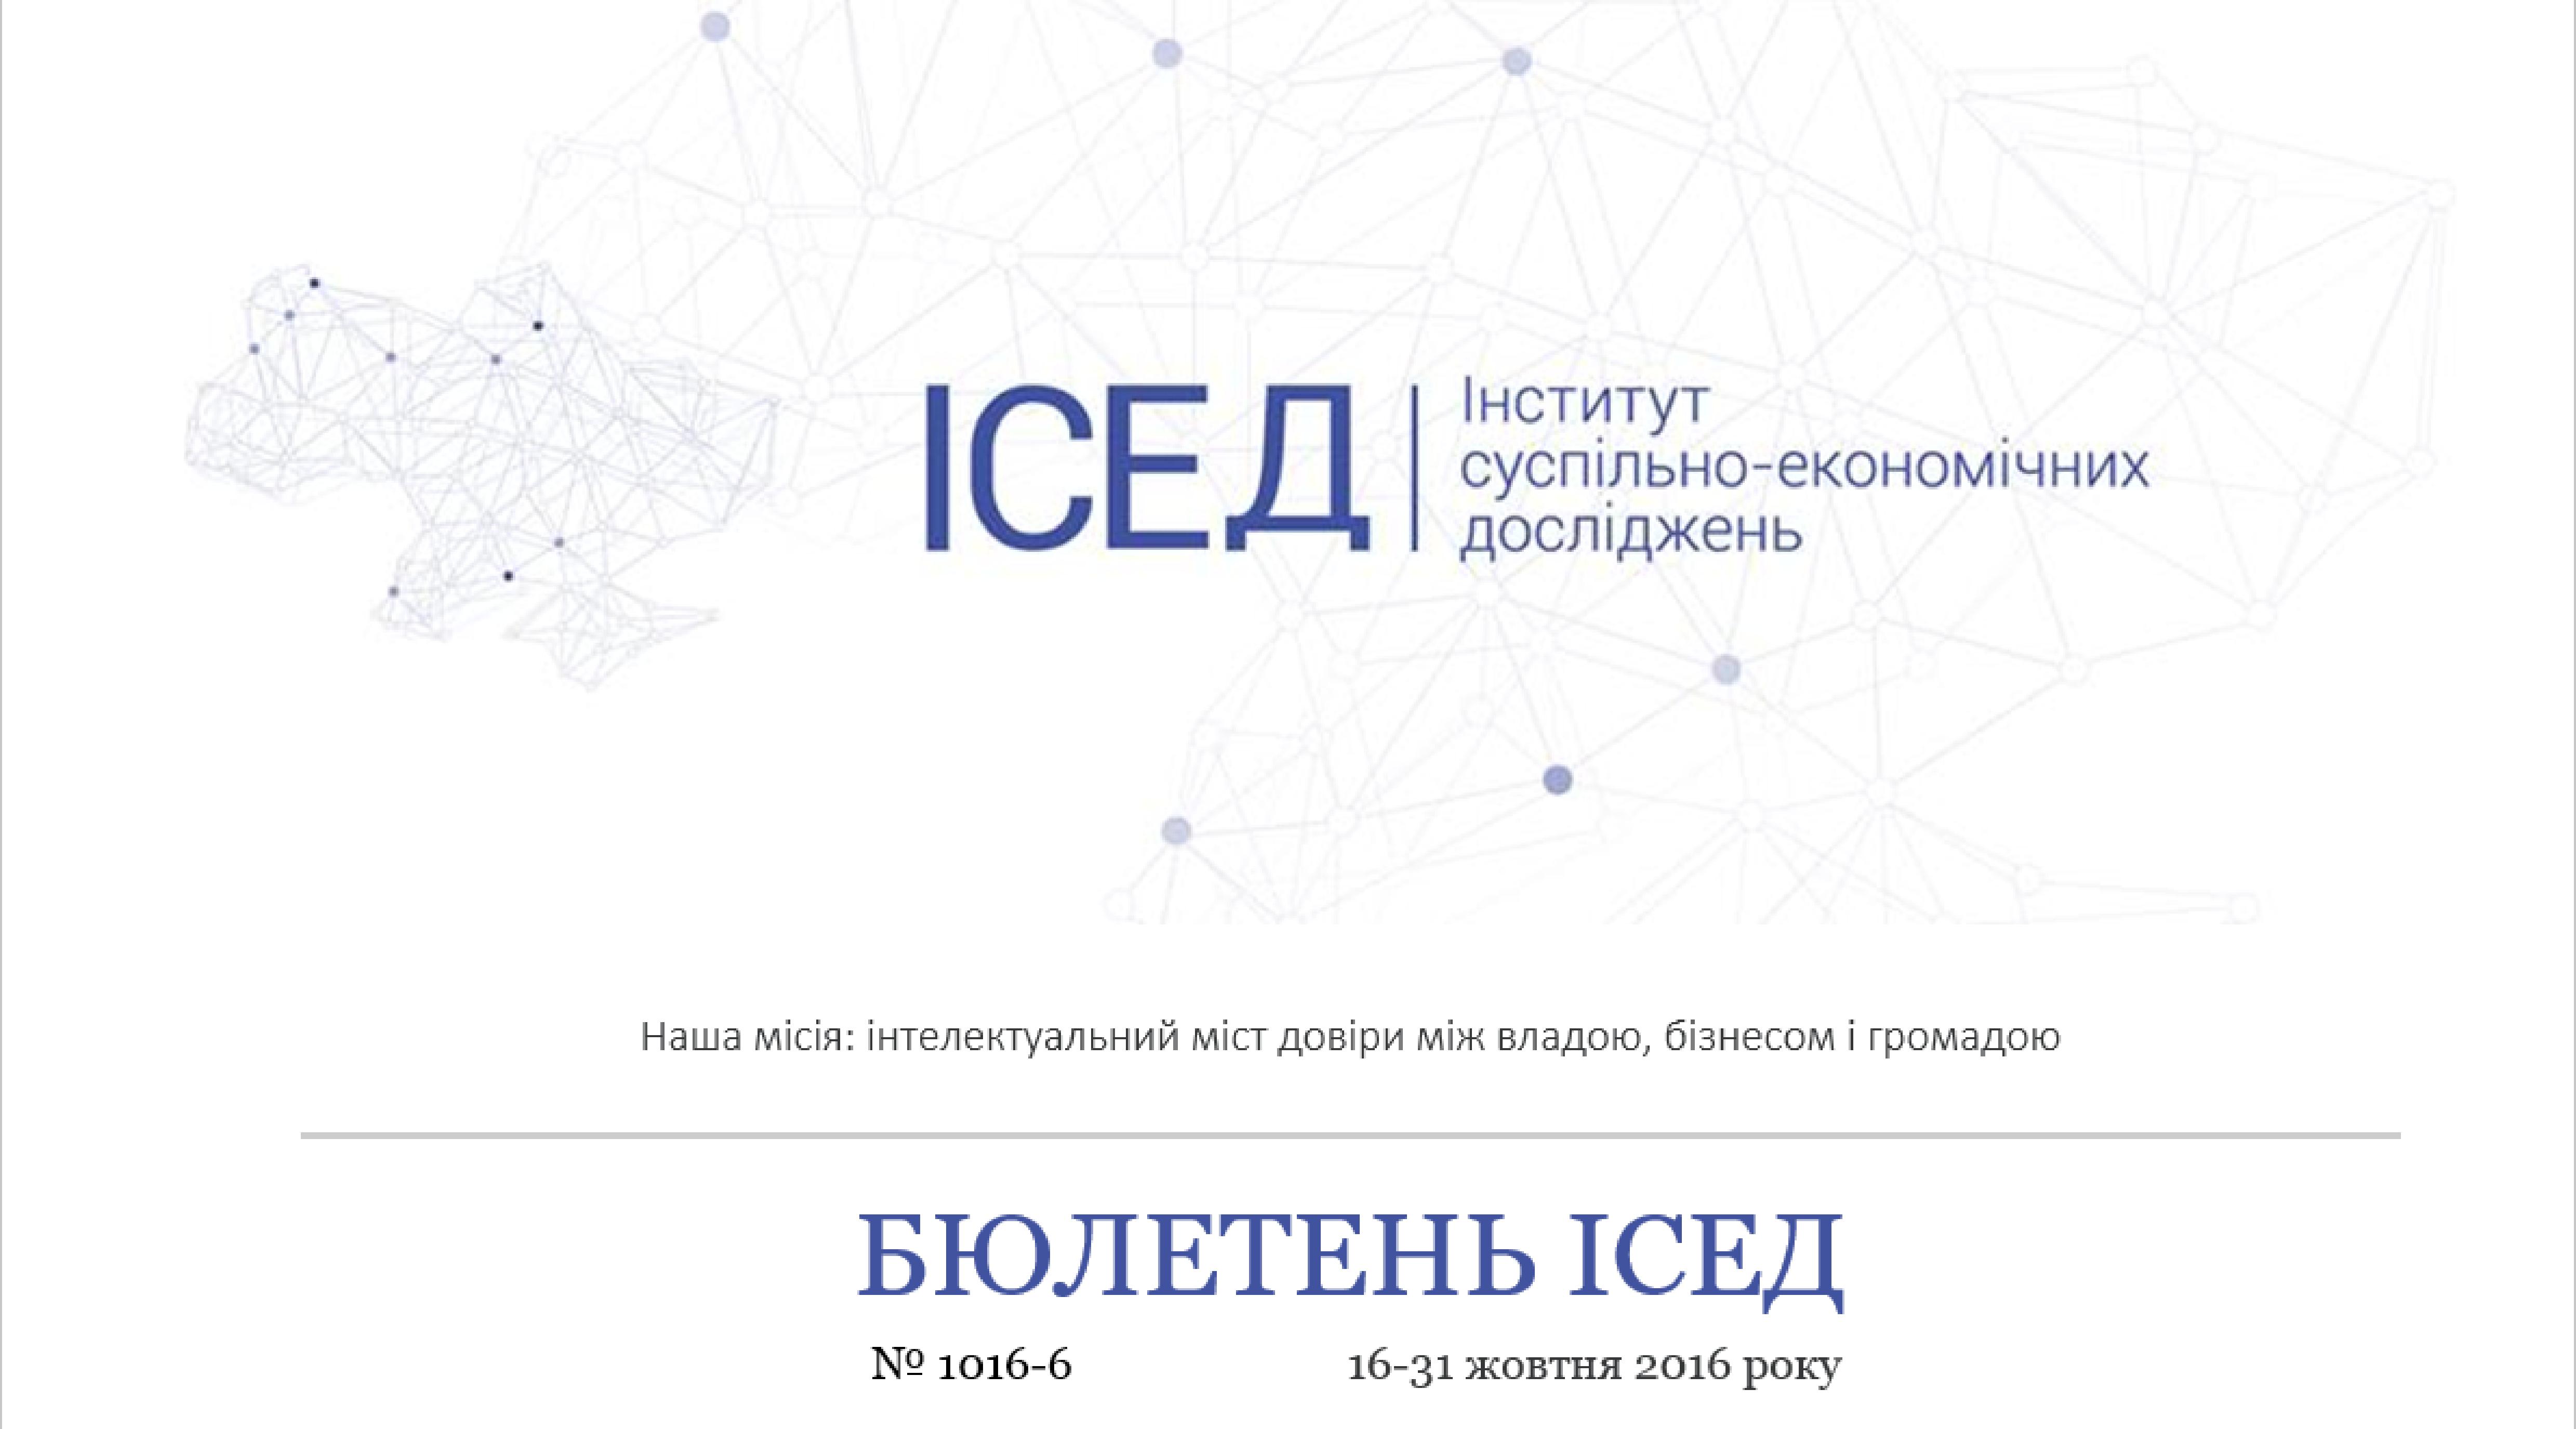 Бюлетень ІСЕД за період 1-20 листопада 2016 року